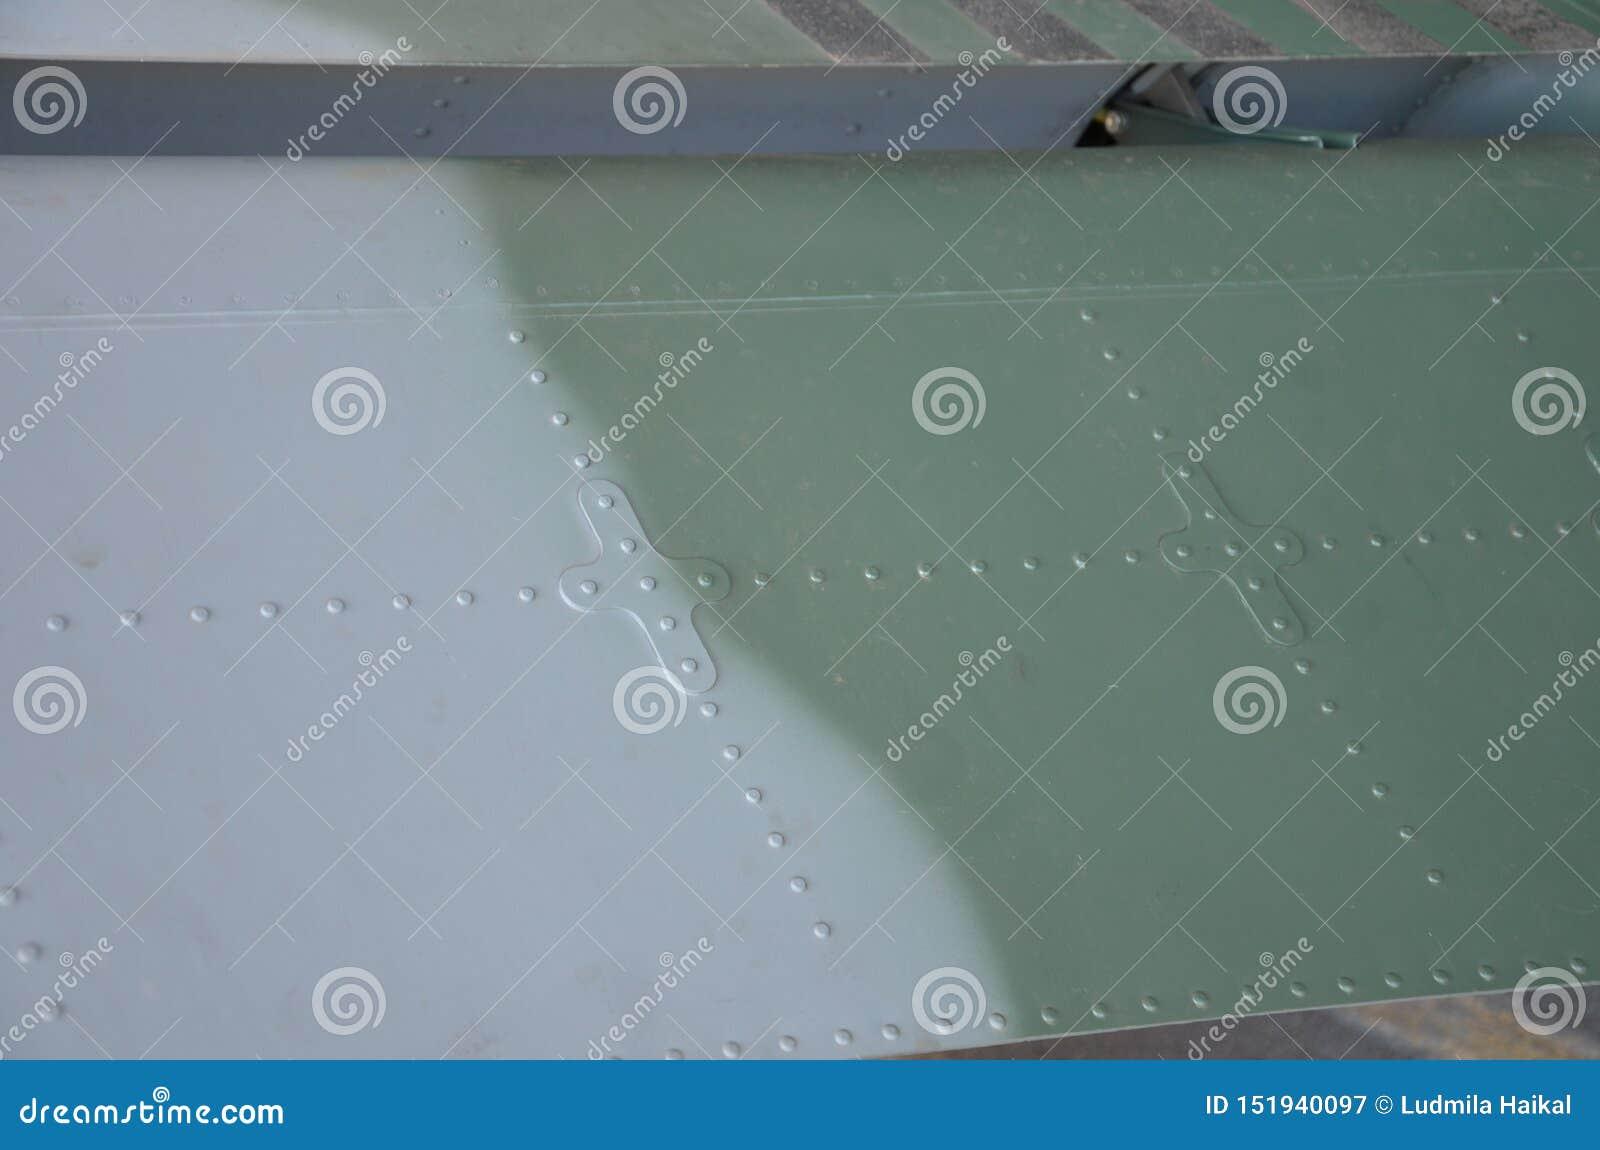 Militaire Helikoptercamouflage De camouflage van het militaire vliegtuigendetail Weergeven over fuselage met van de paneellijn en